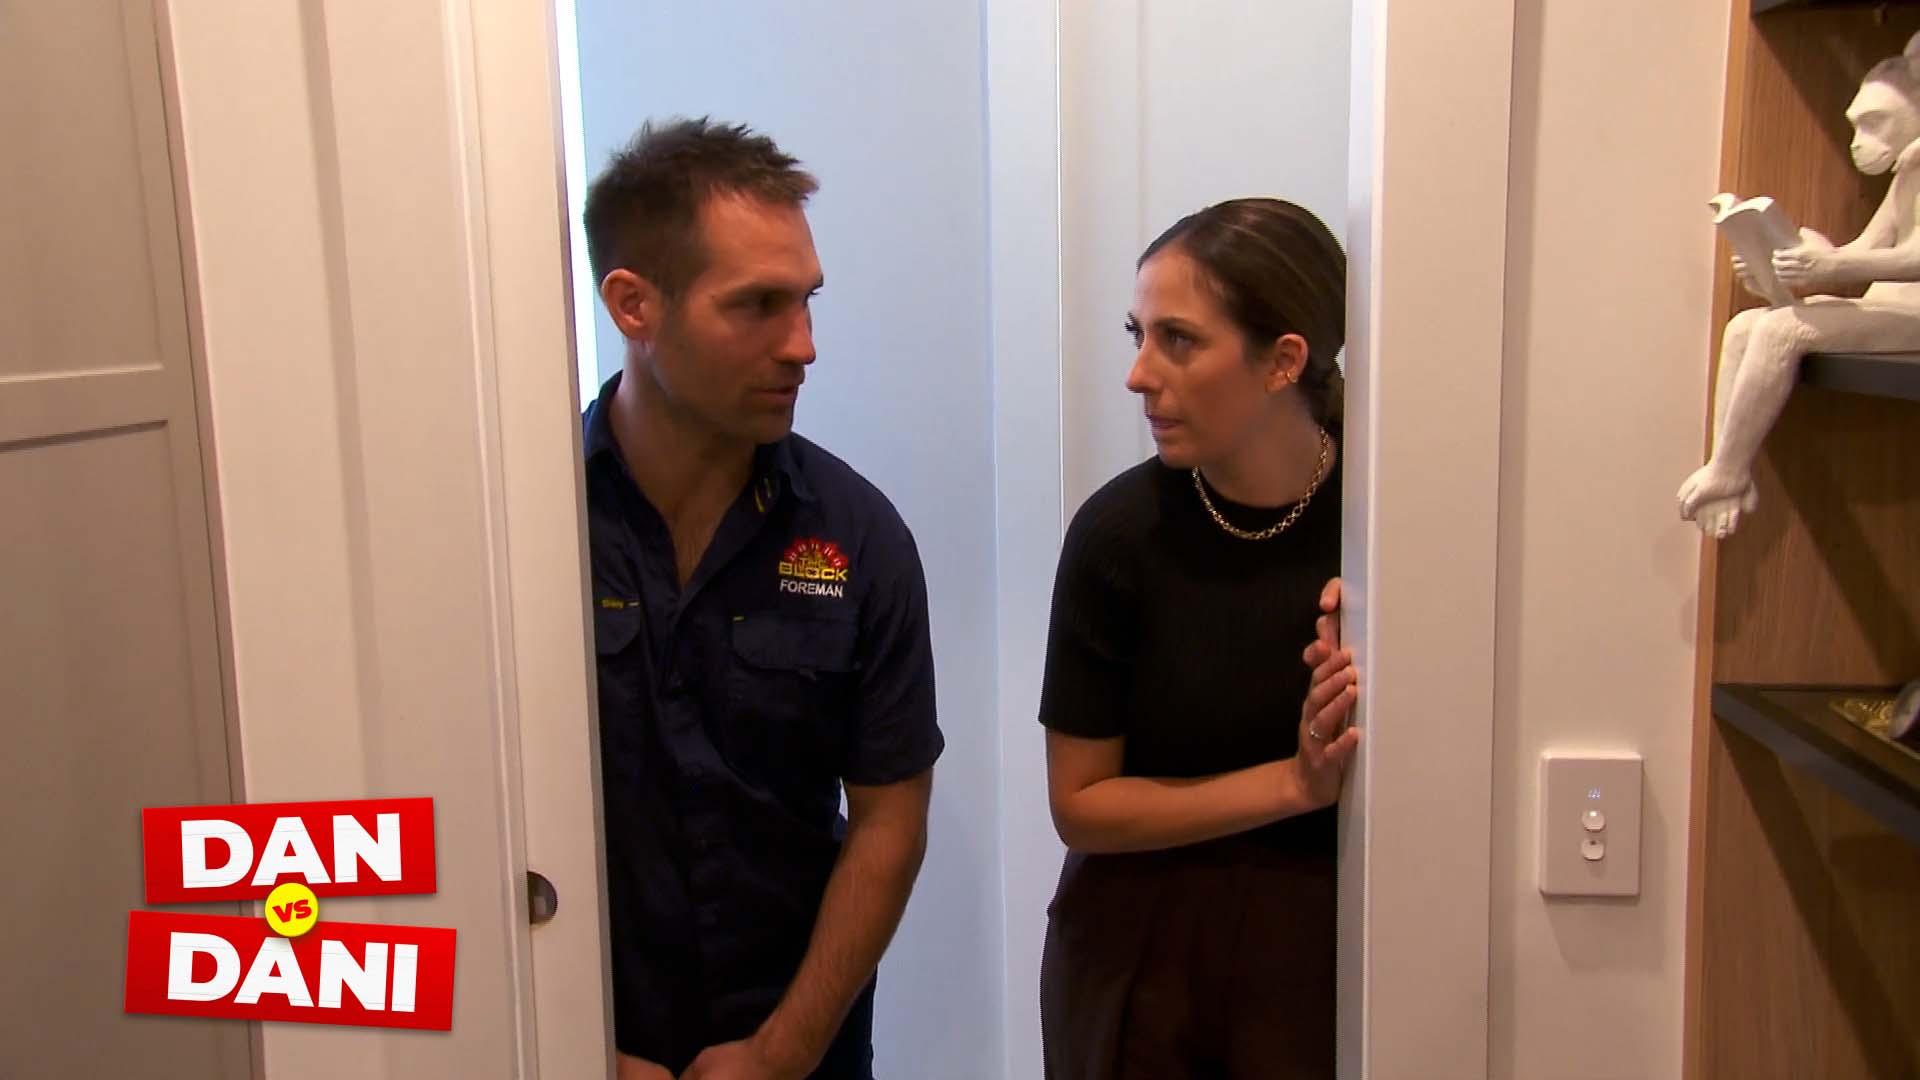 Dan vs Dani: 'Worst room I've seen so far'